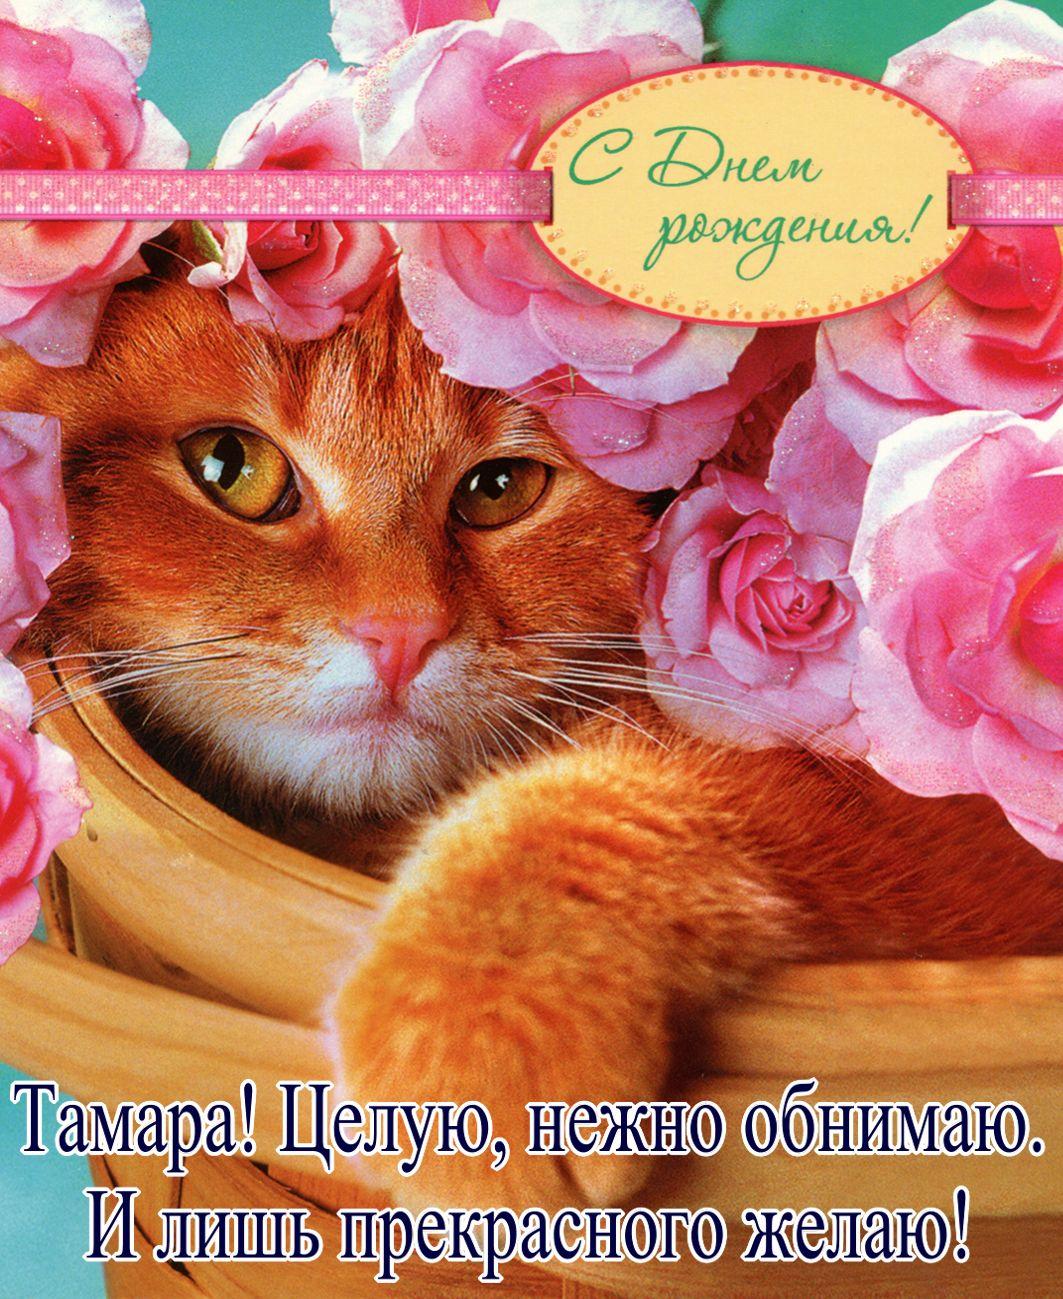 Открытка на День рождения Тамаре - корзинка с рыжим котиком и розами